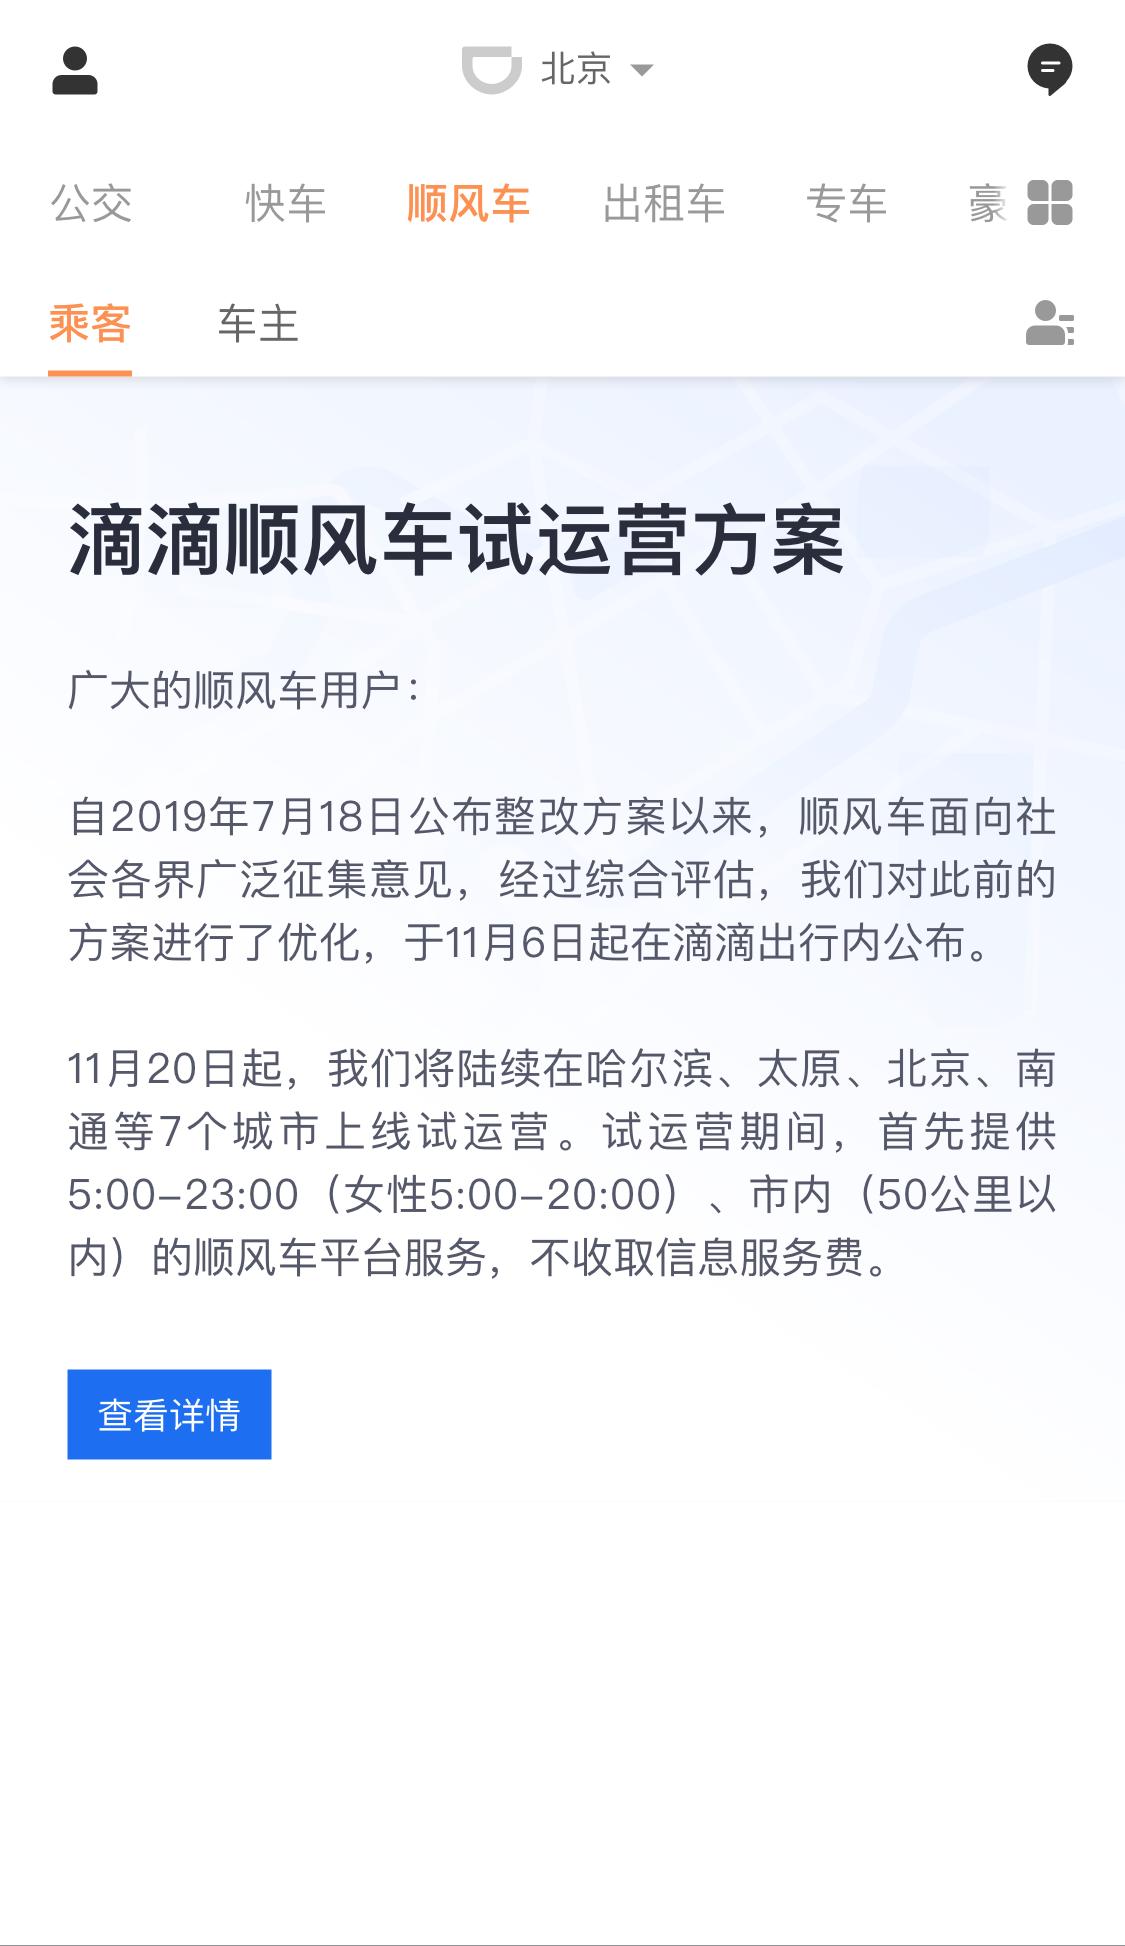 「外围搏彩公司地址」因不兼容问题 Chrome 78现已禁用渲染器代码完整性保护功能